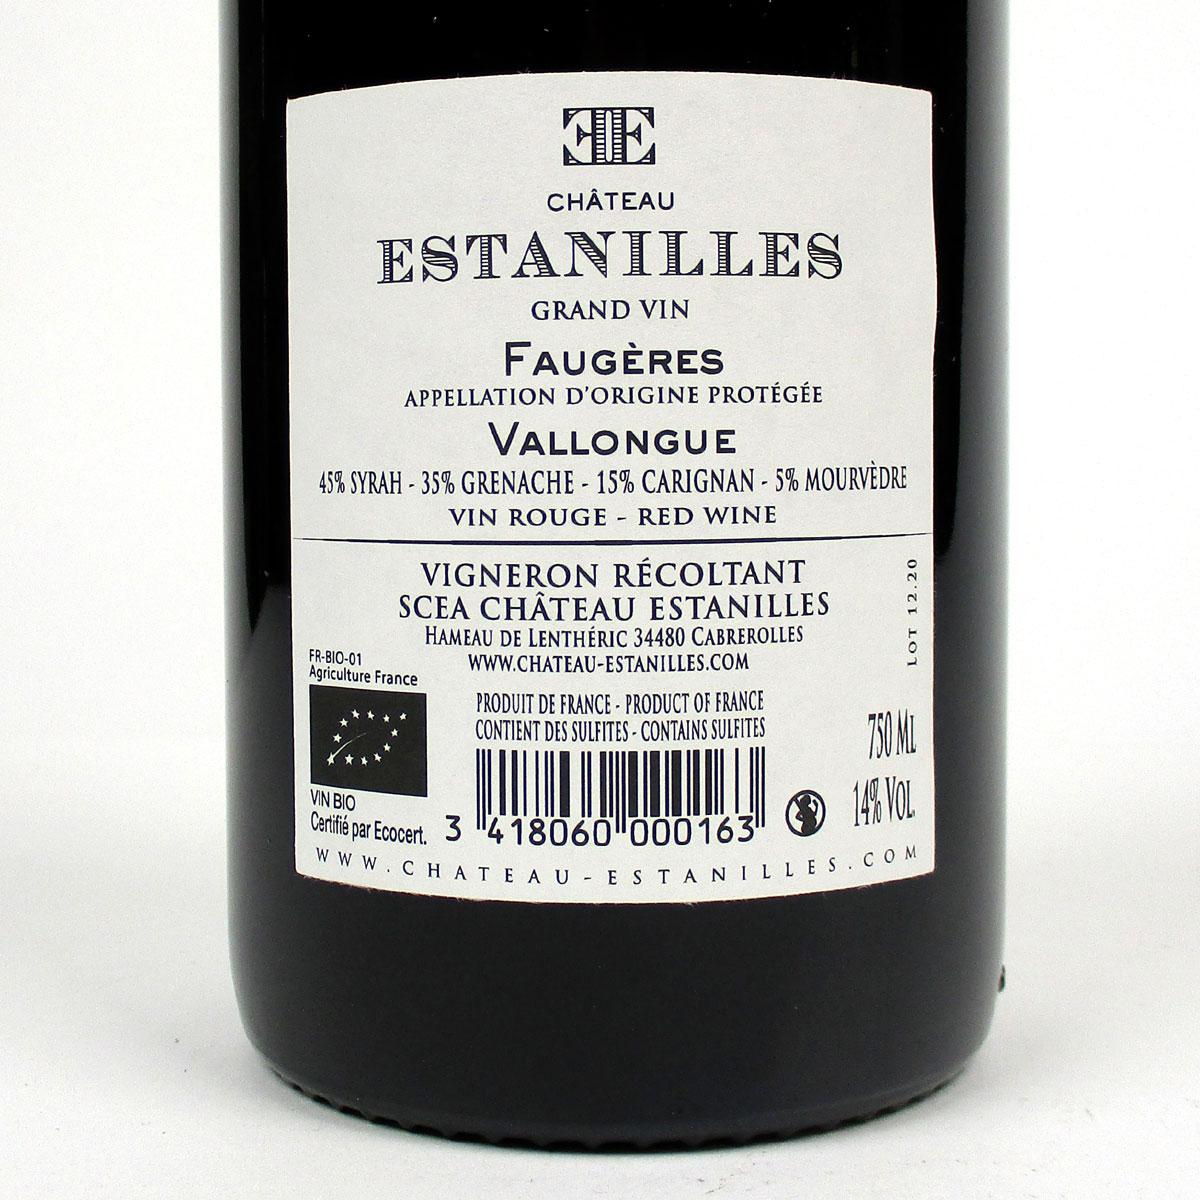 Faugères: Château Estanilles 'Vallongue' Rouge 2019 - Bottle Rear Label